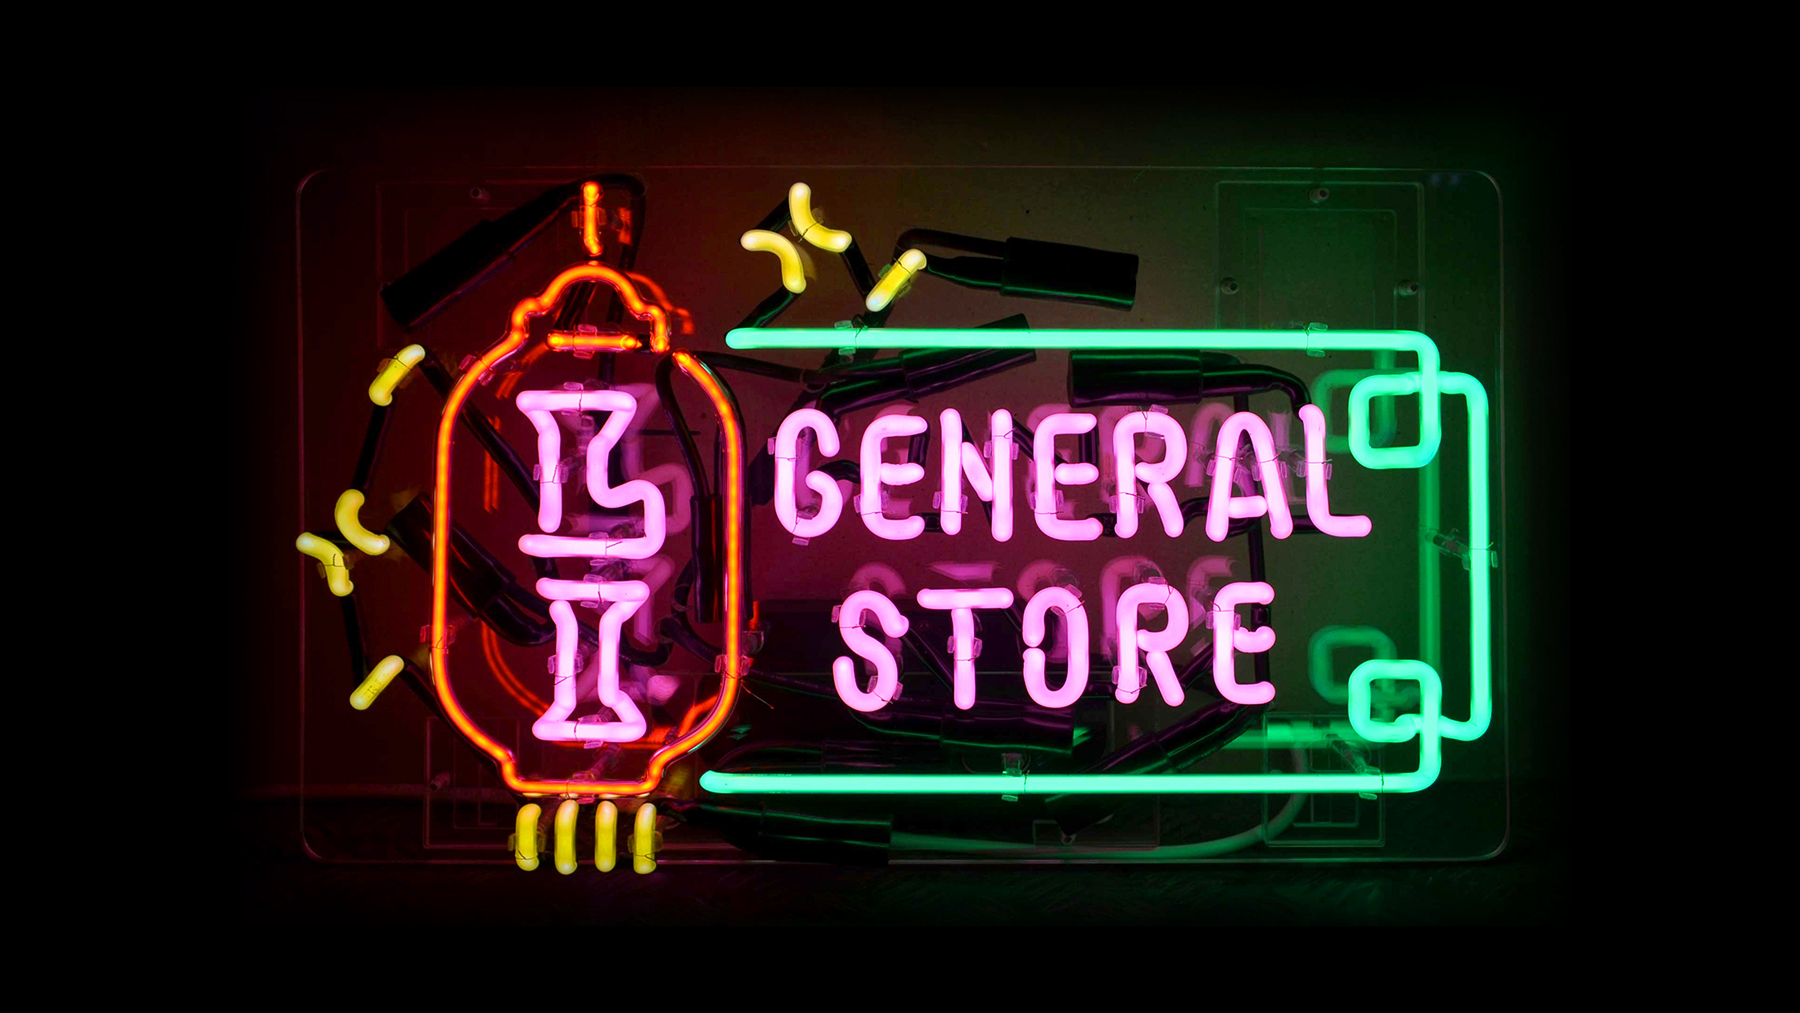 GeneralStore_Neon.jpg